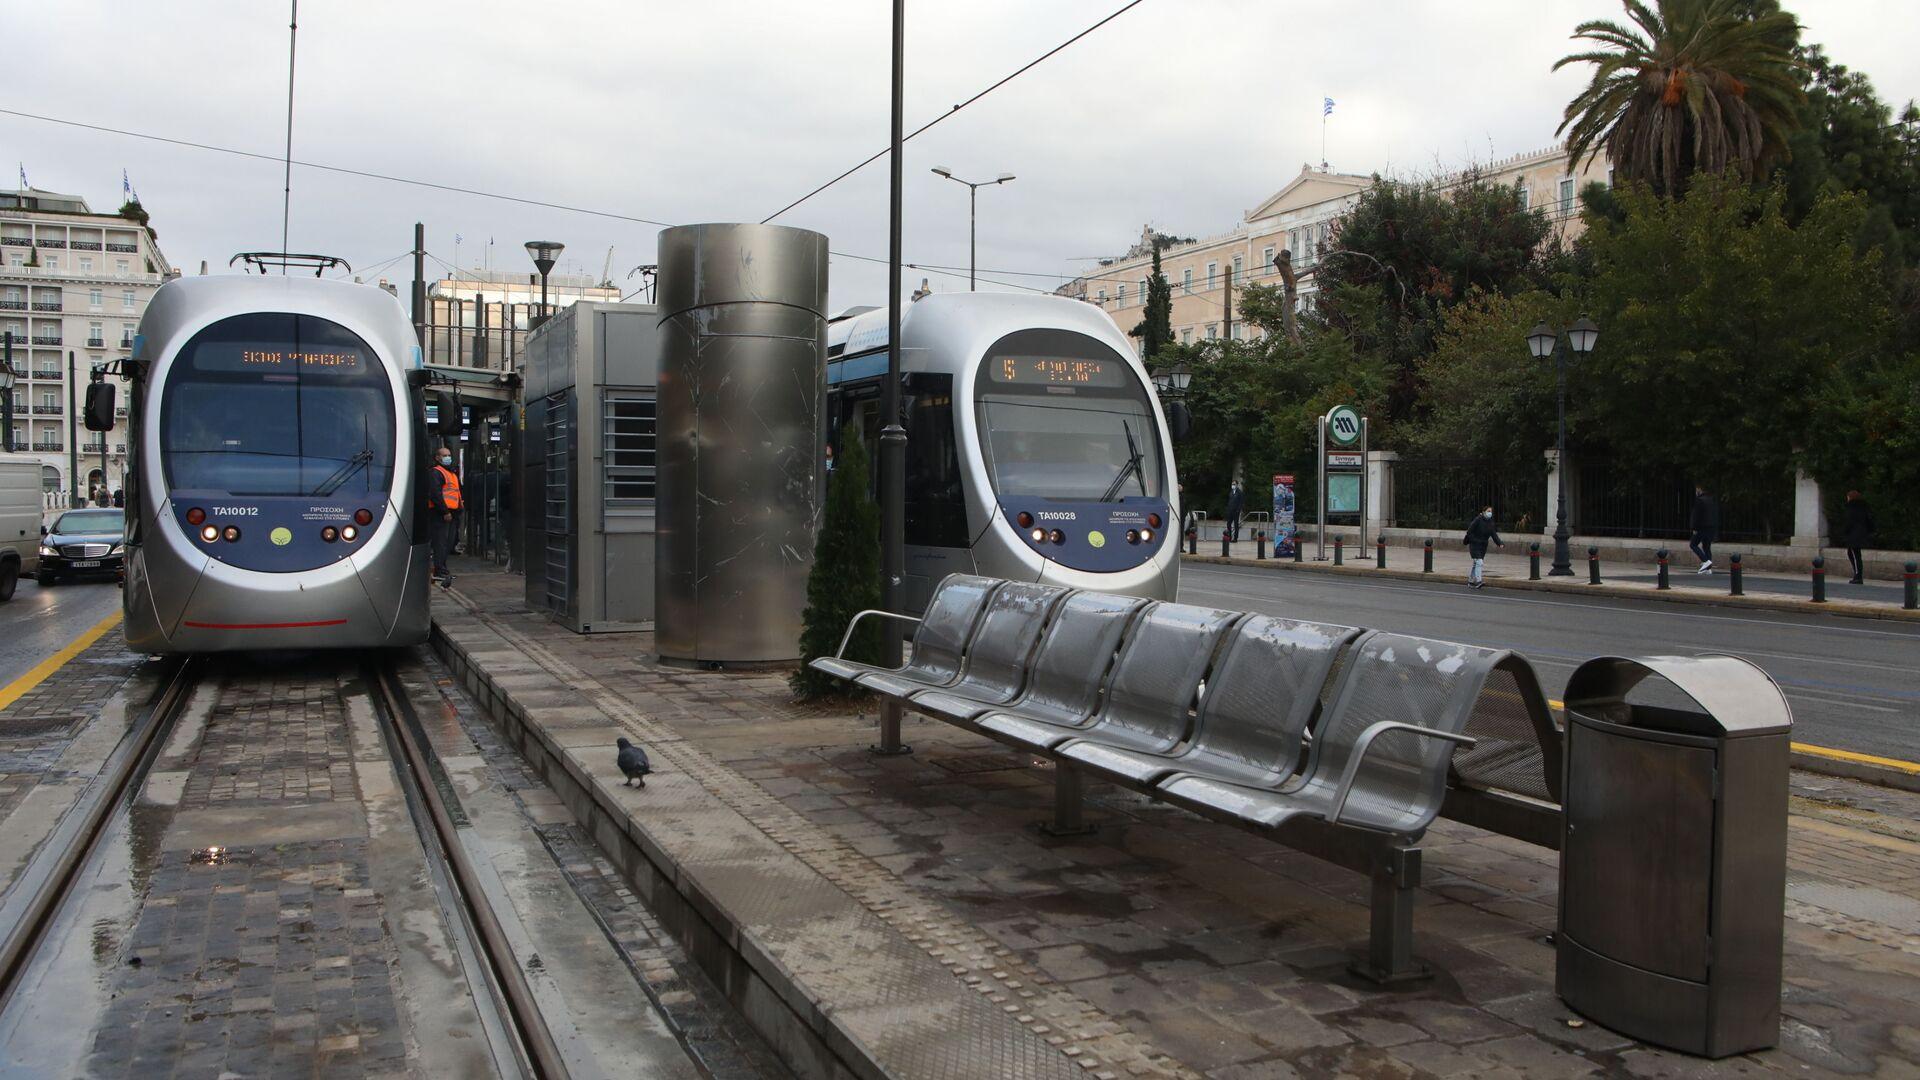 Τραμ στον σταθμό Συντάγματος - Sputnik Ελλάδα, 1920, 11.10.2021